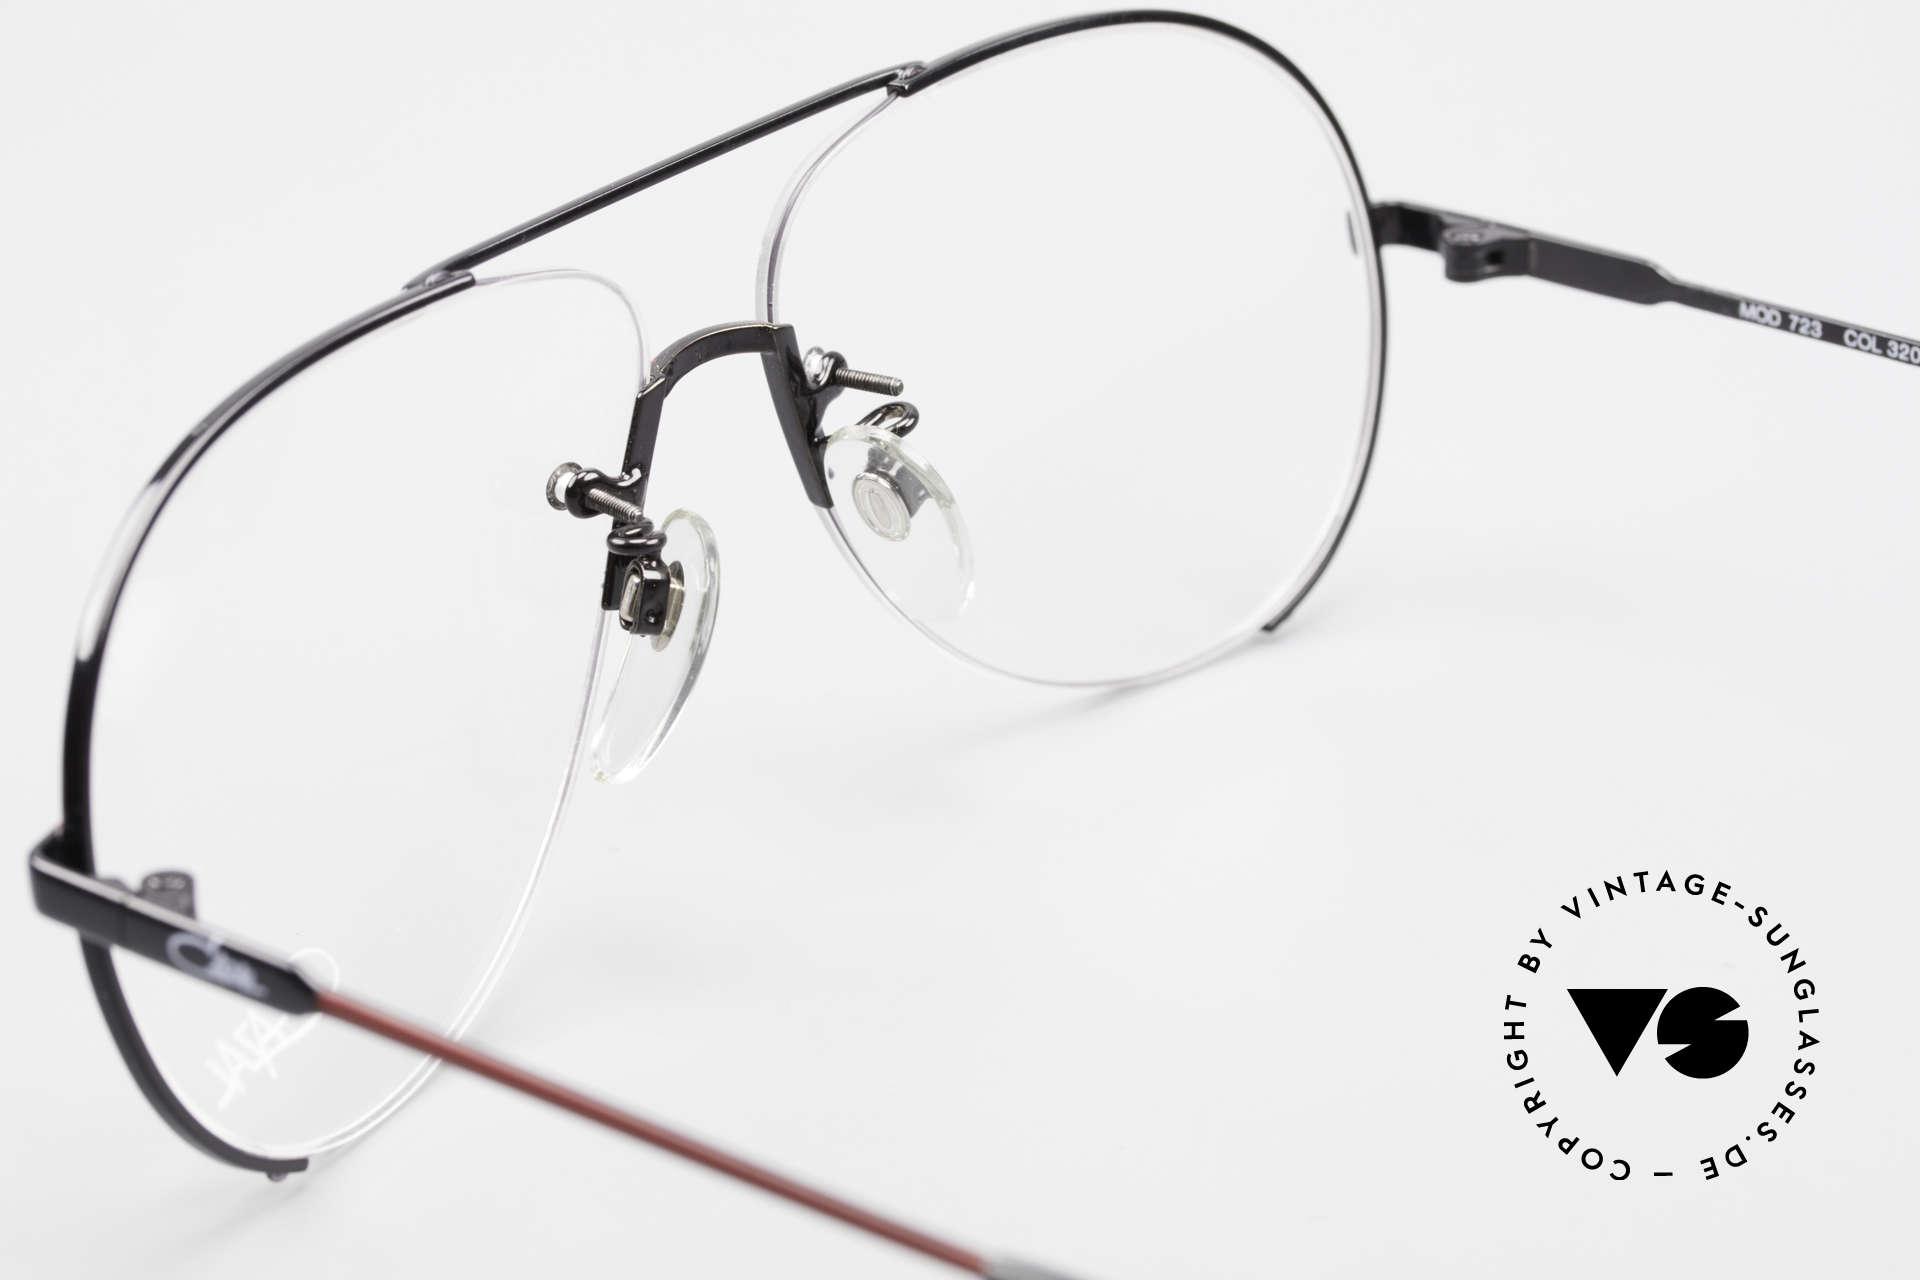 Cazal 723 Randlose 80er Pilotenbrille, Fassung ist für optische Gläser gemacht; L 60/13, Passend für Herren